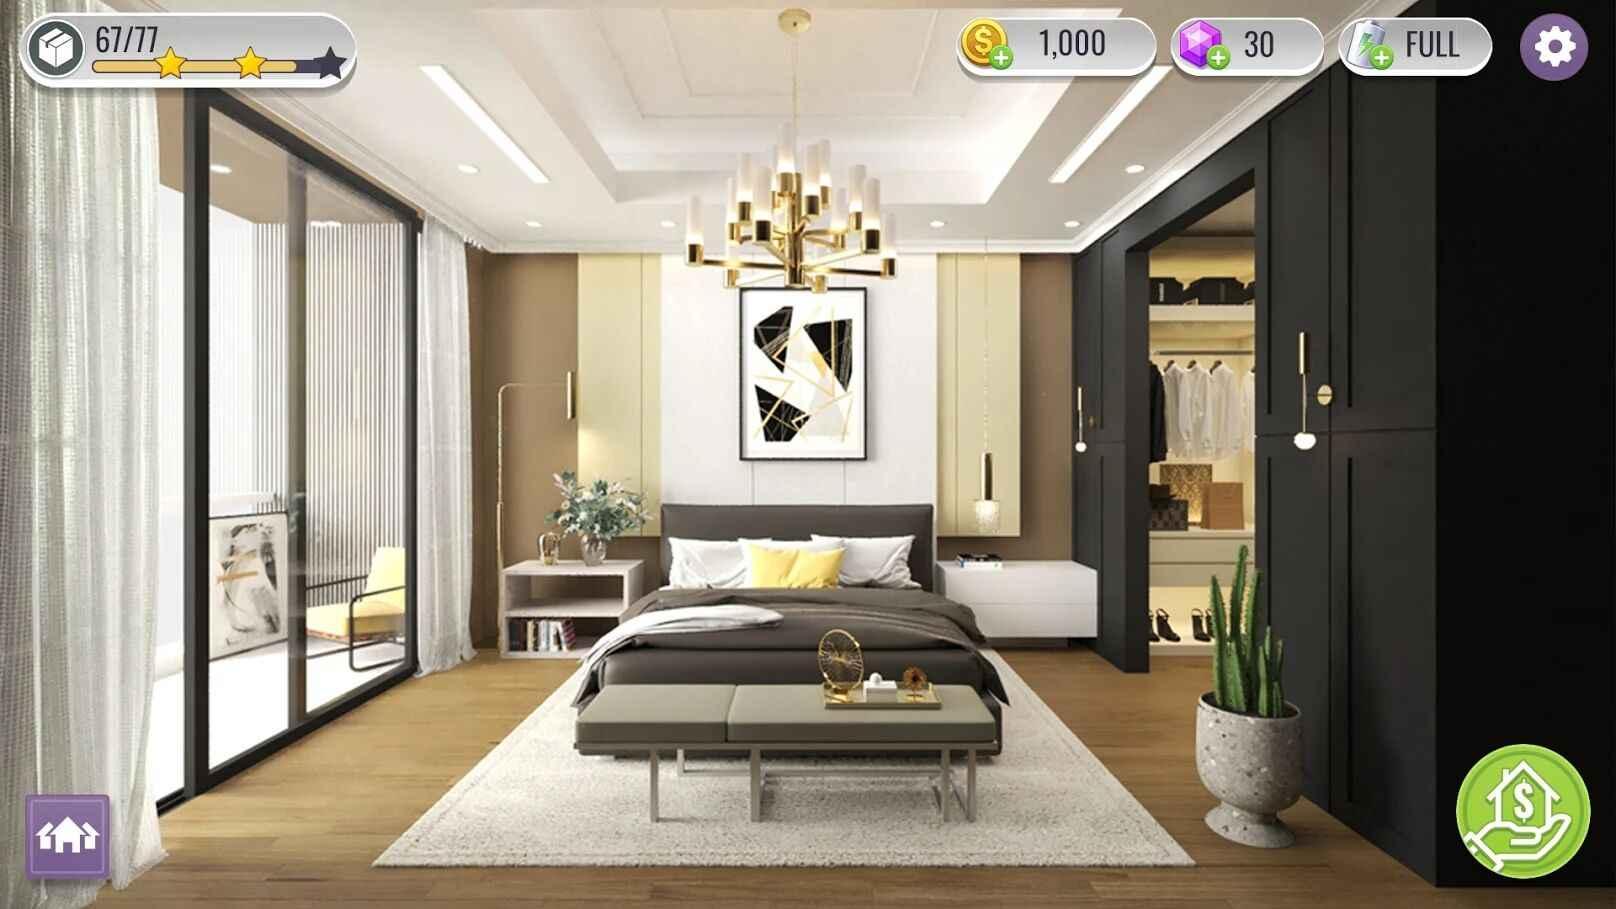 家居设计:翻新改造者免广告